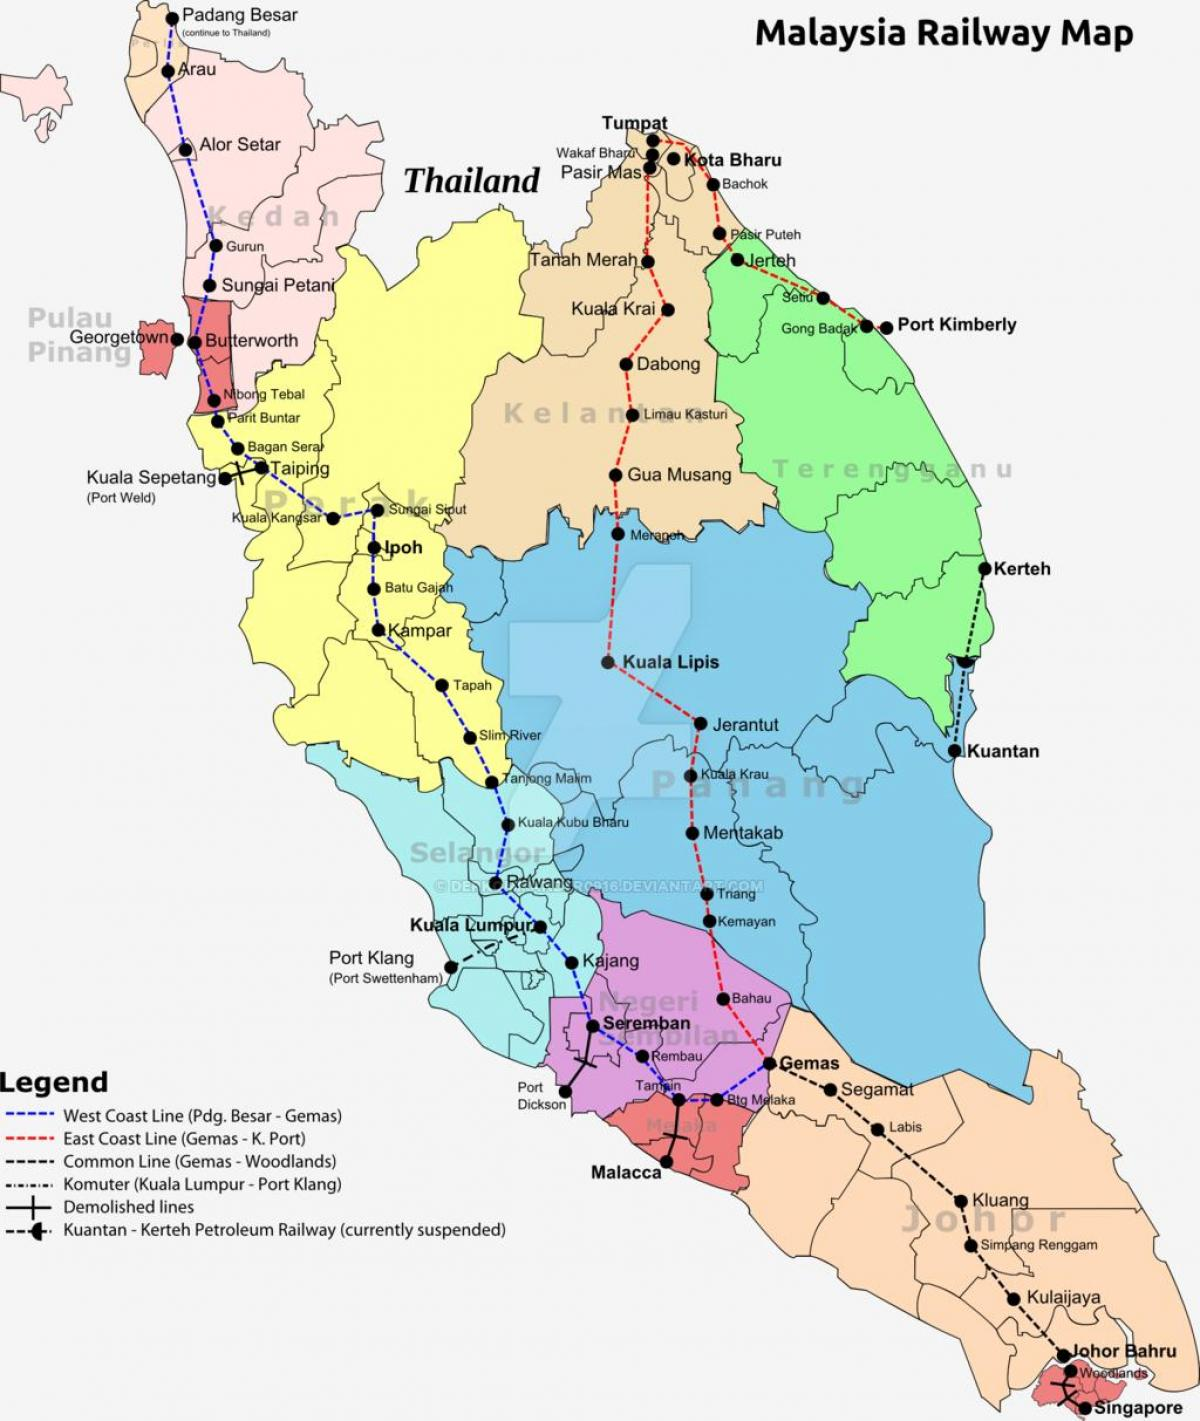 Malesian Rautateiden Kartta Juna Kartta Malesia Kaakkois Aasia